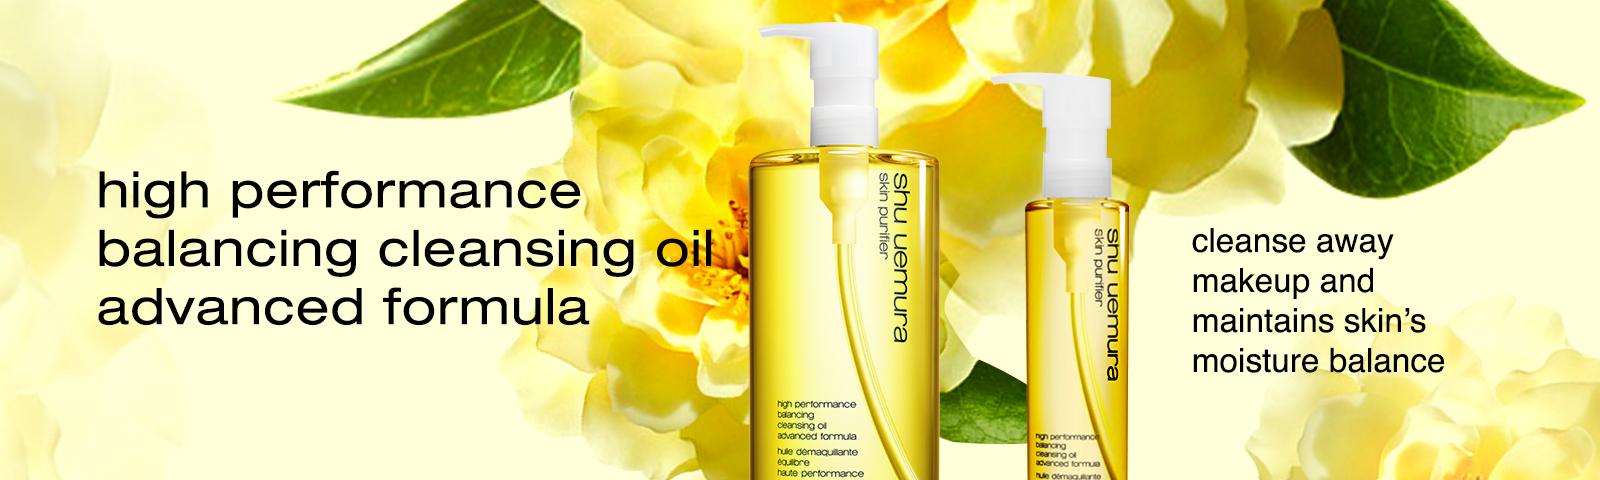 Shu Uemura Cleansing Oil 5